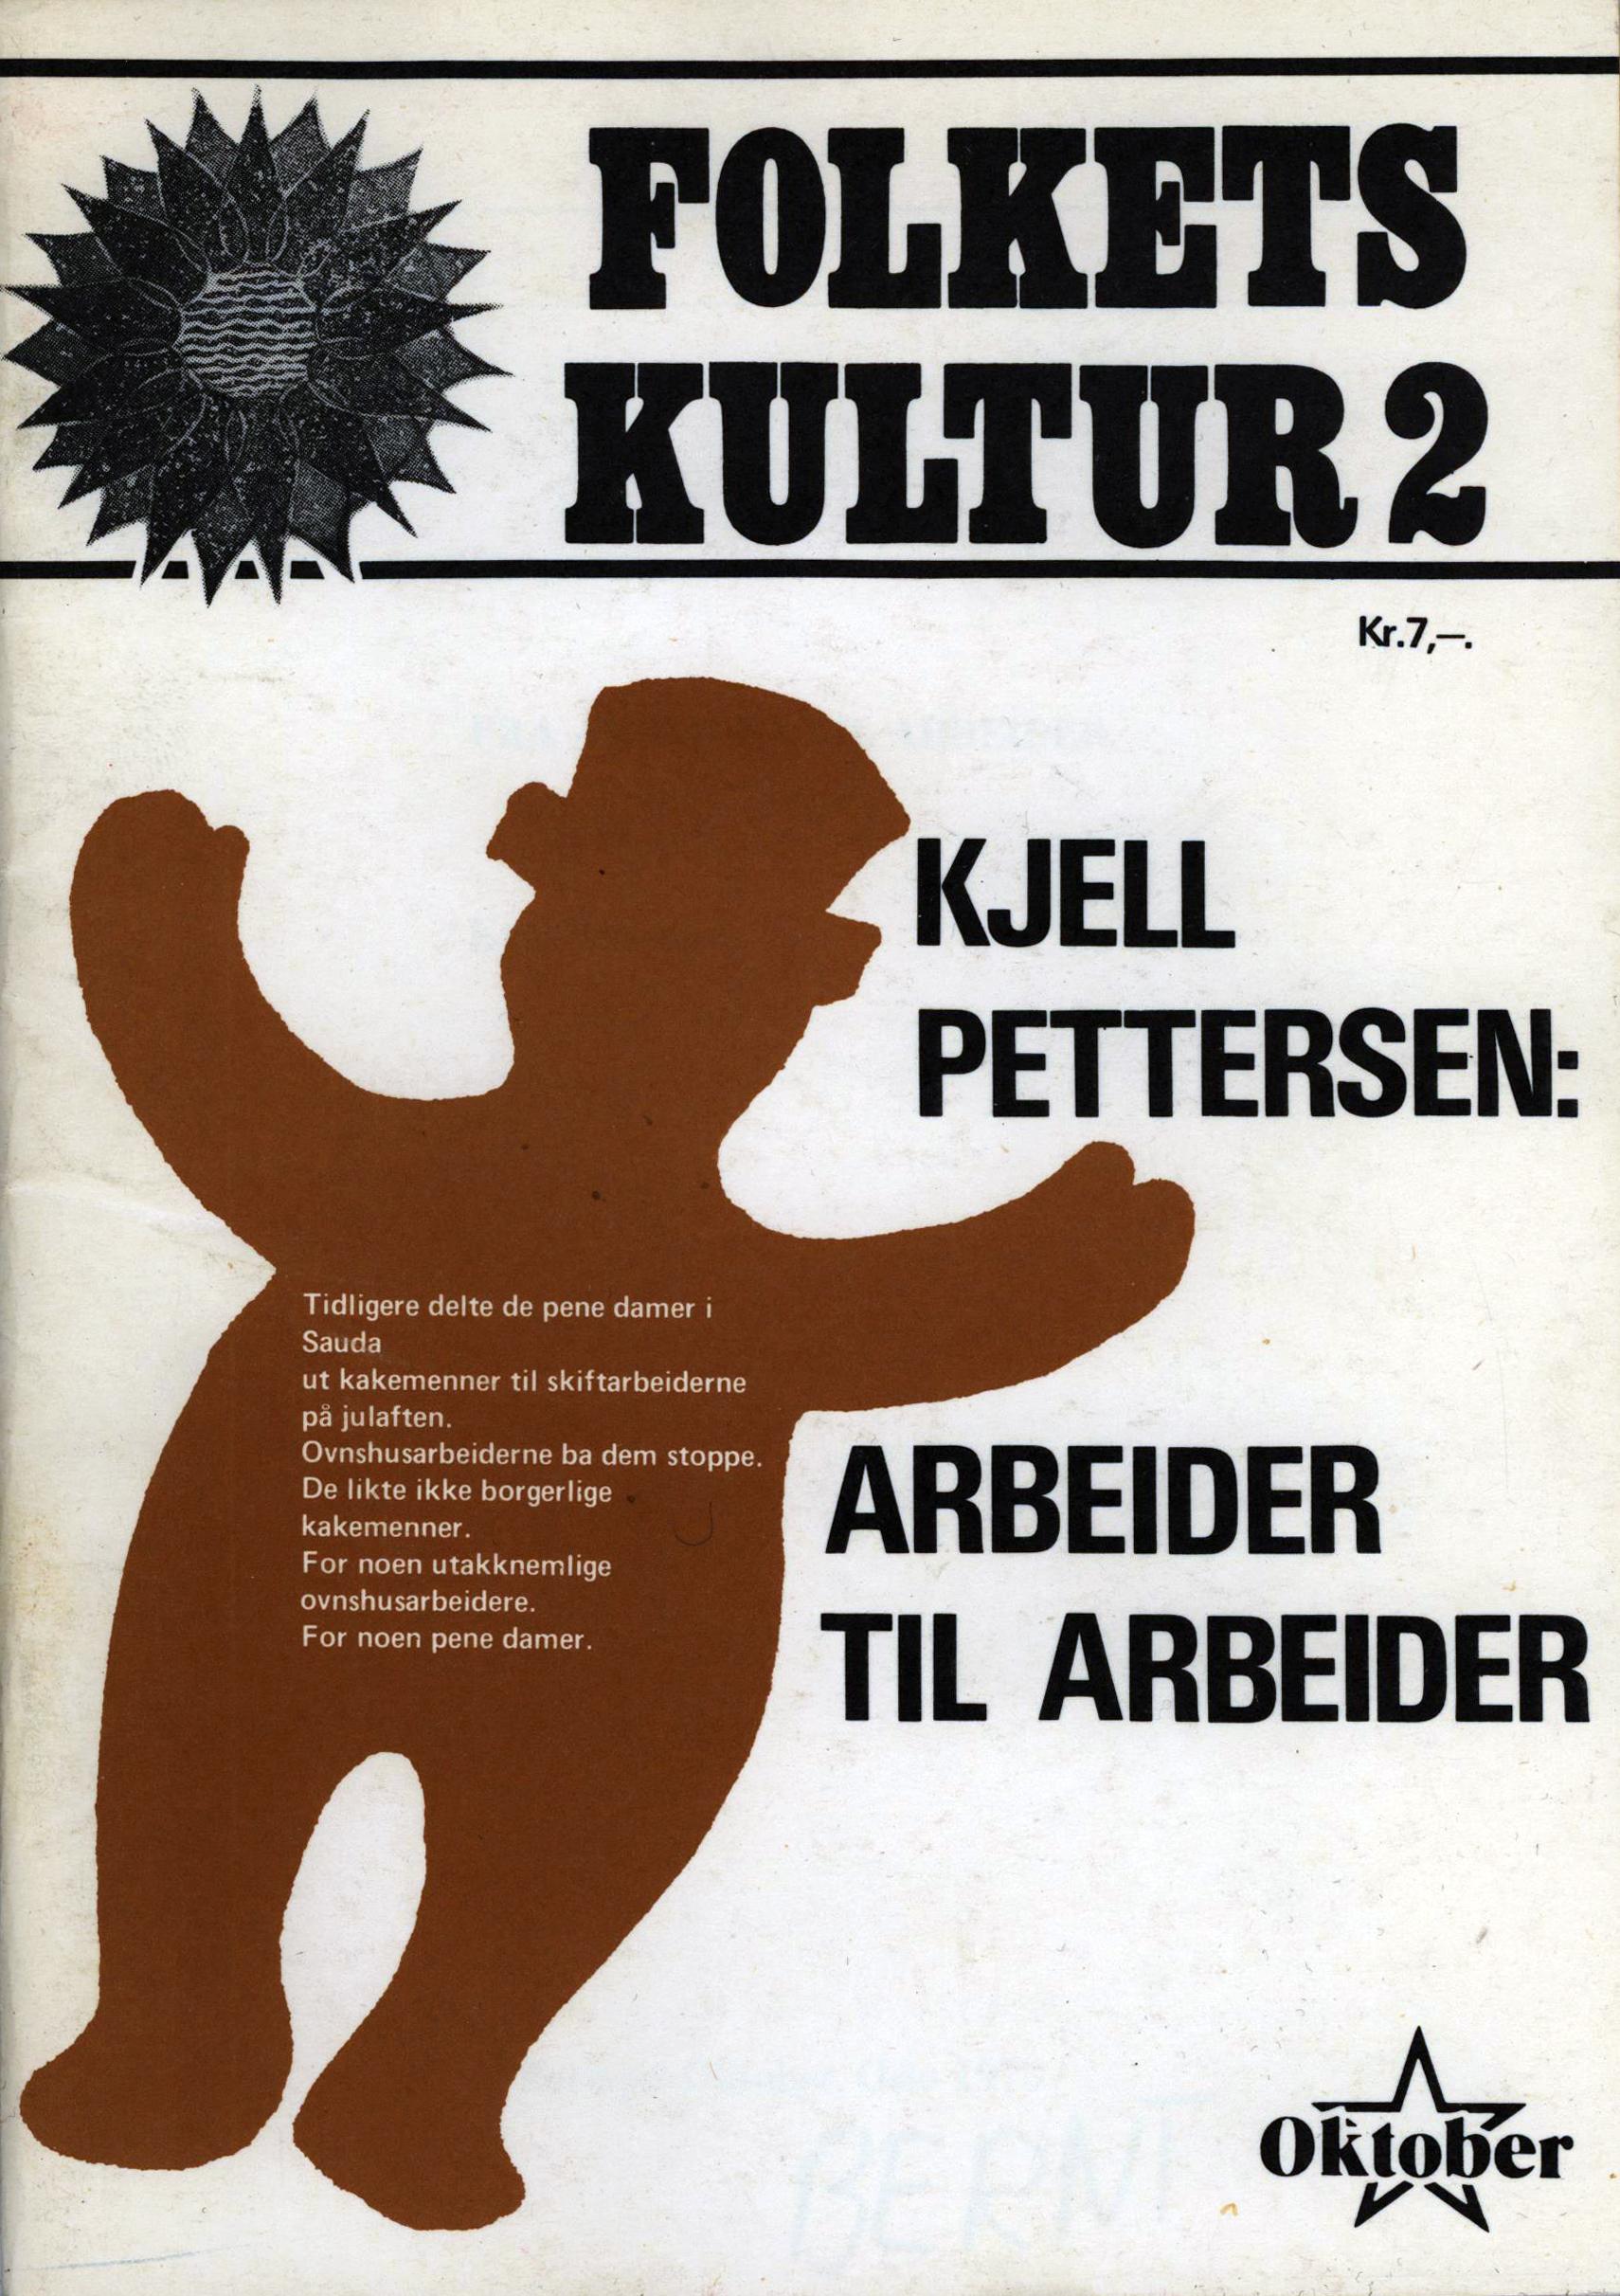 Folkets kultur #2: Kjell Pettersen: Arbeider til arbeider